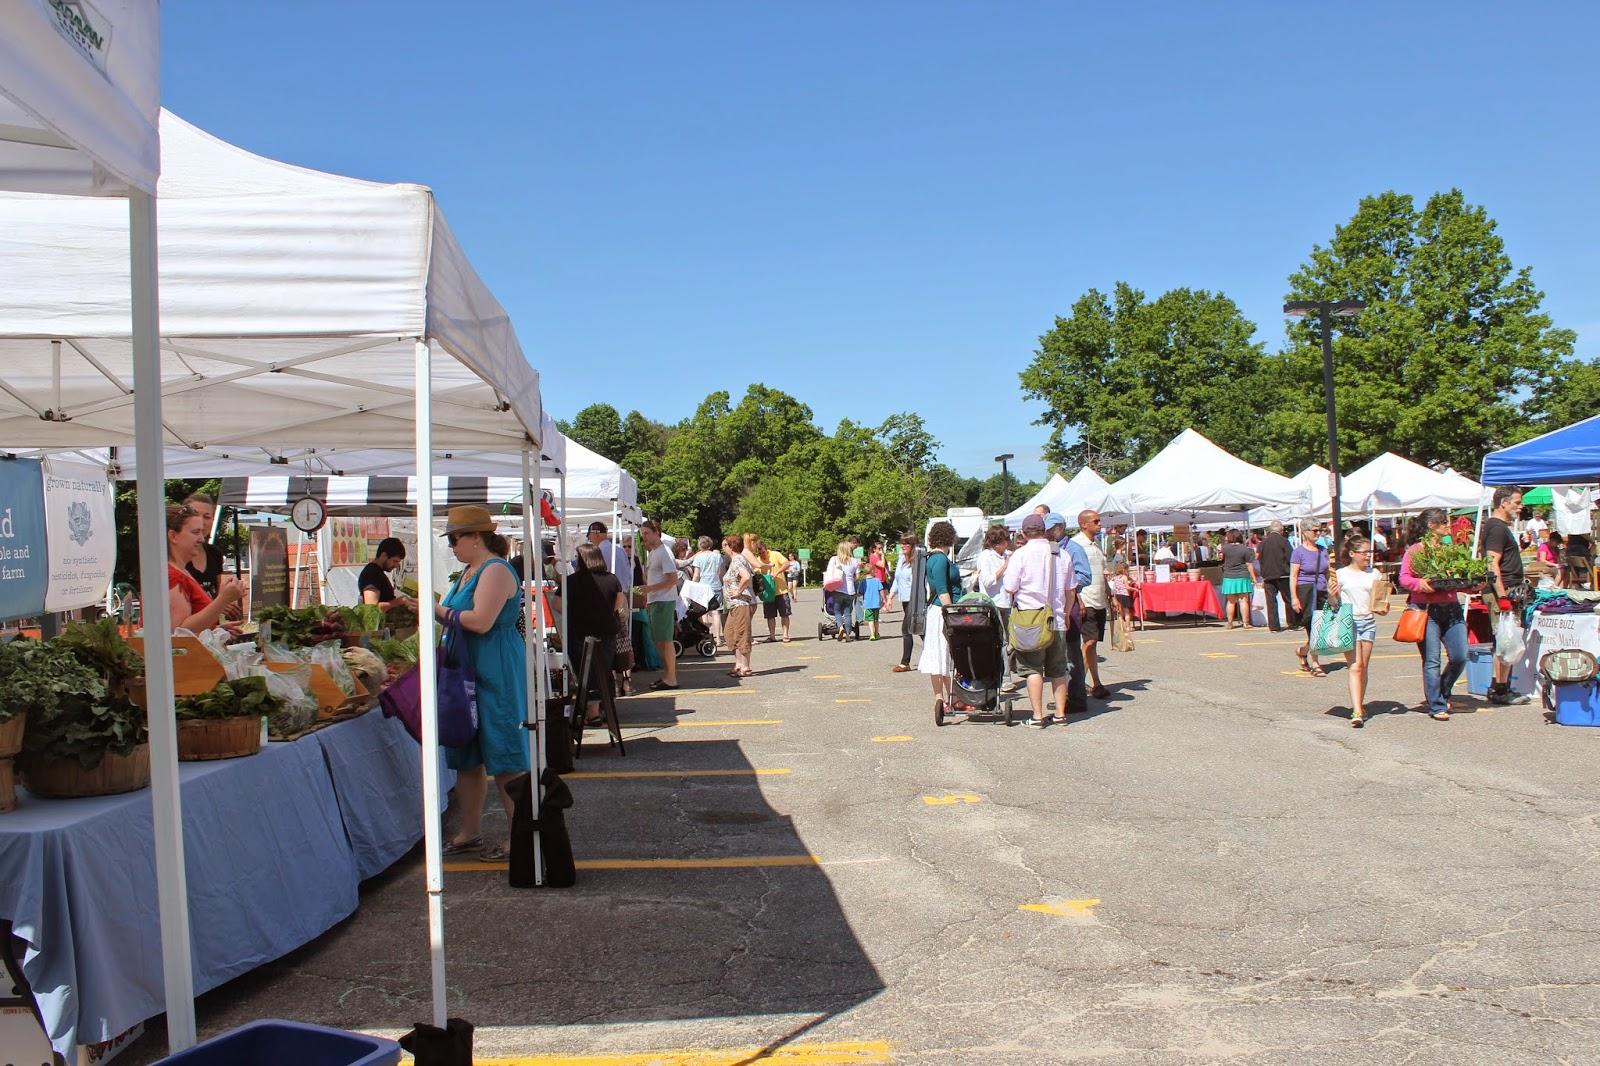 Roslindale Village Main Street Farmers' Market